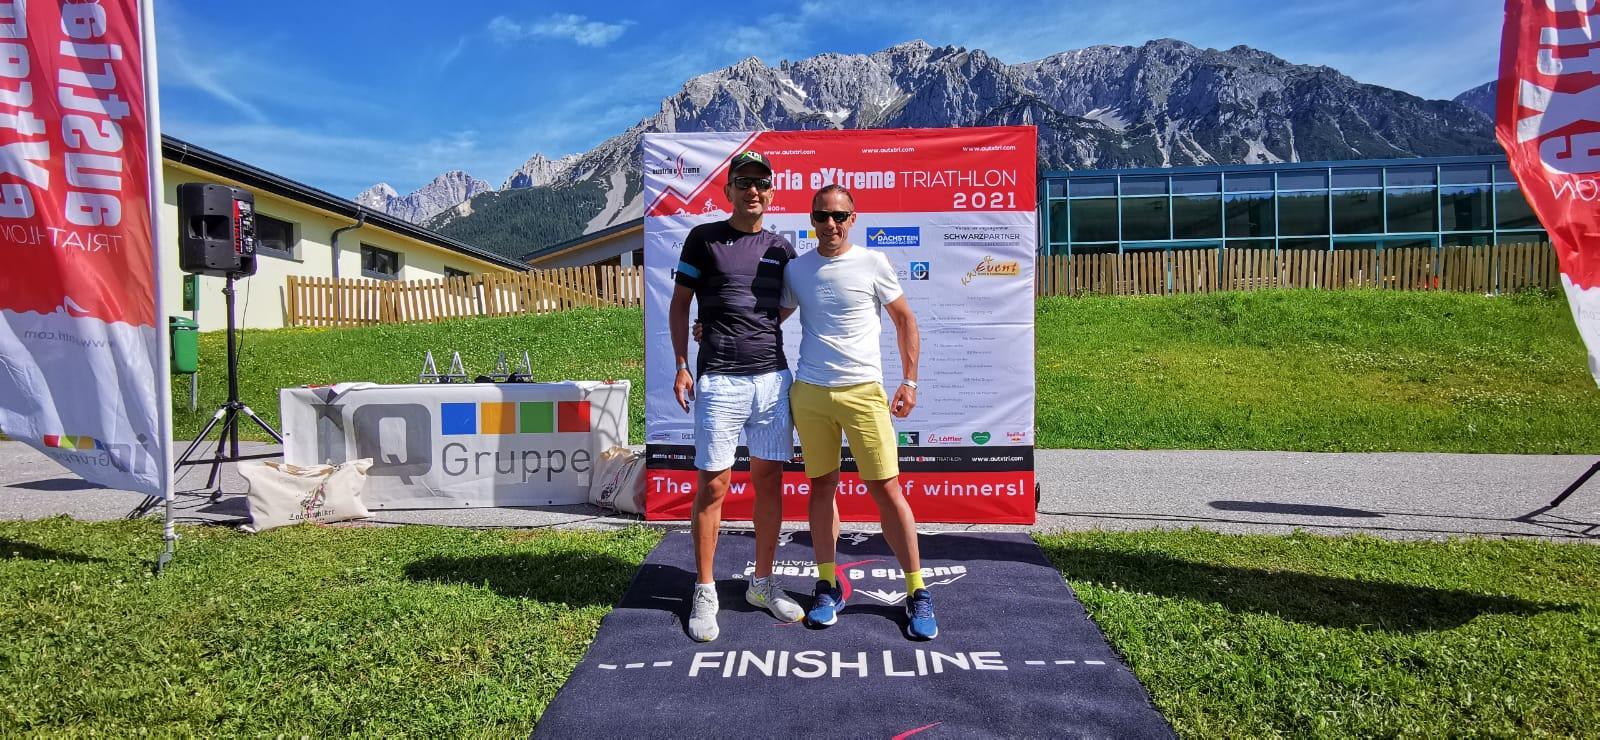 Austria eXtreme Triathlon 2021